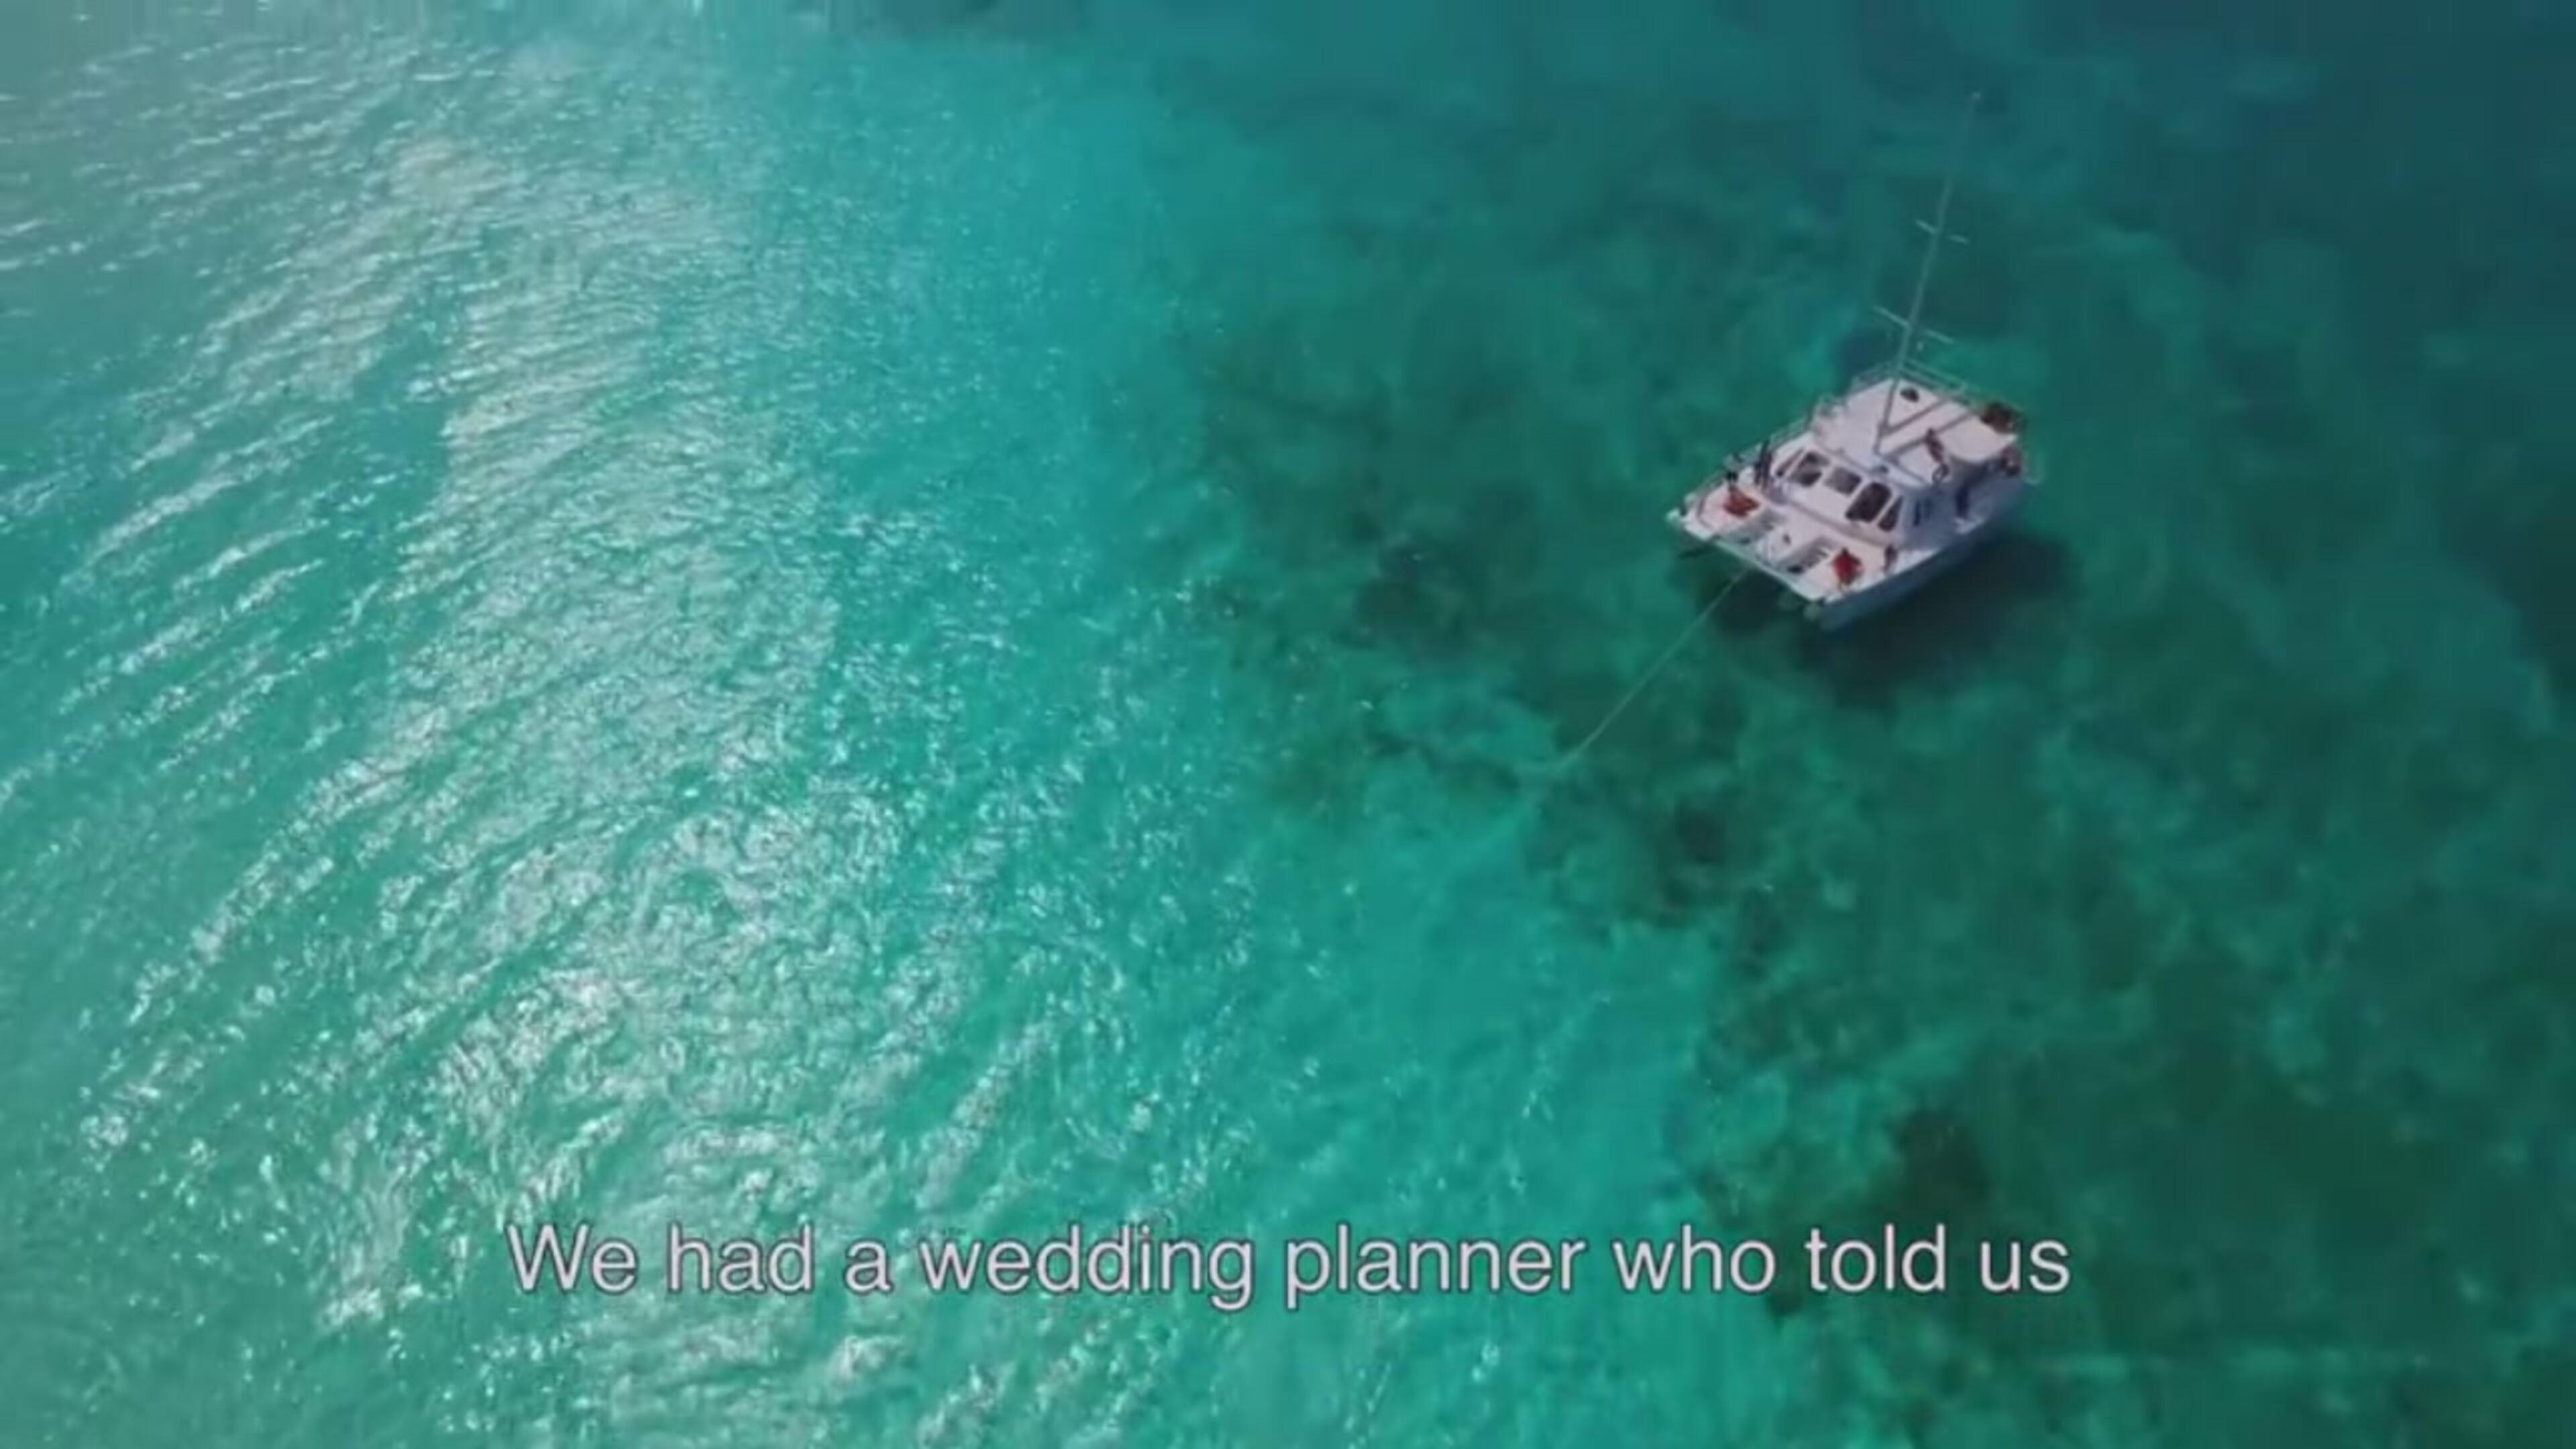 Il matrimonio impossibile s'ha da fare: il Sì degli sposi-sirena nel Mar dei Caraibi